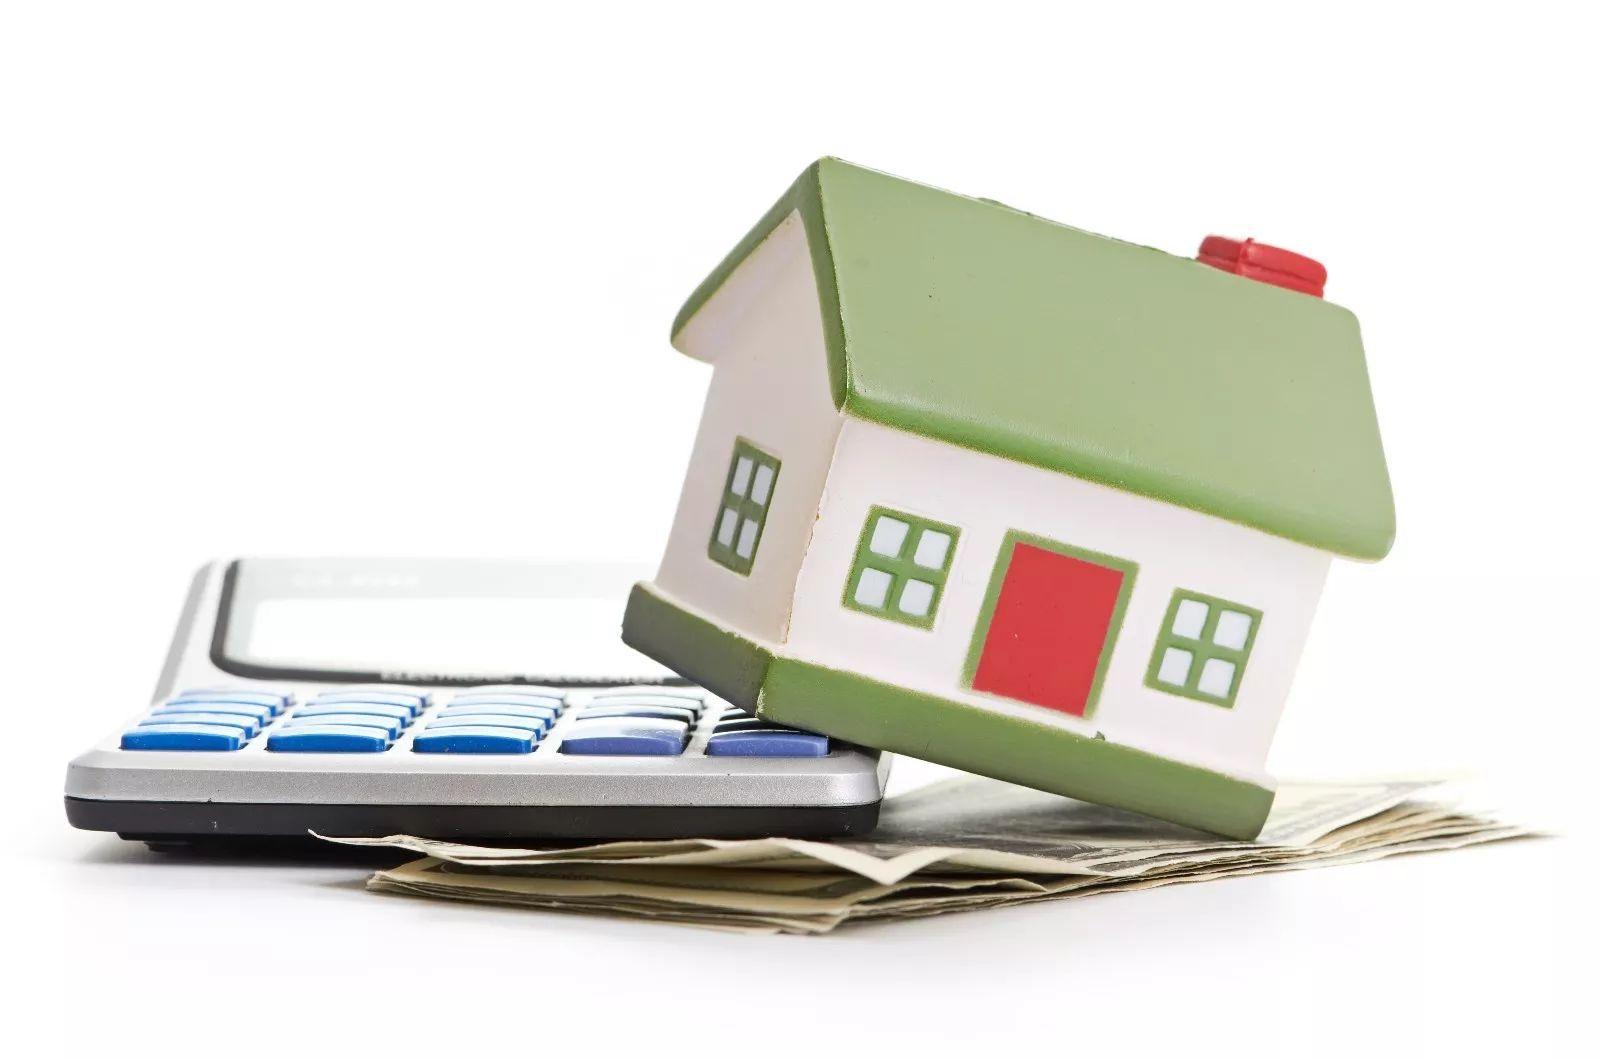 房贷利息是多少_70万30年贷款利息几乎等于本金,30年后能卖170万吗? - 贷款 - 我爱卡